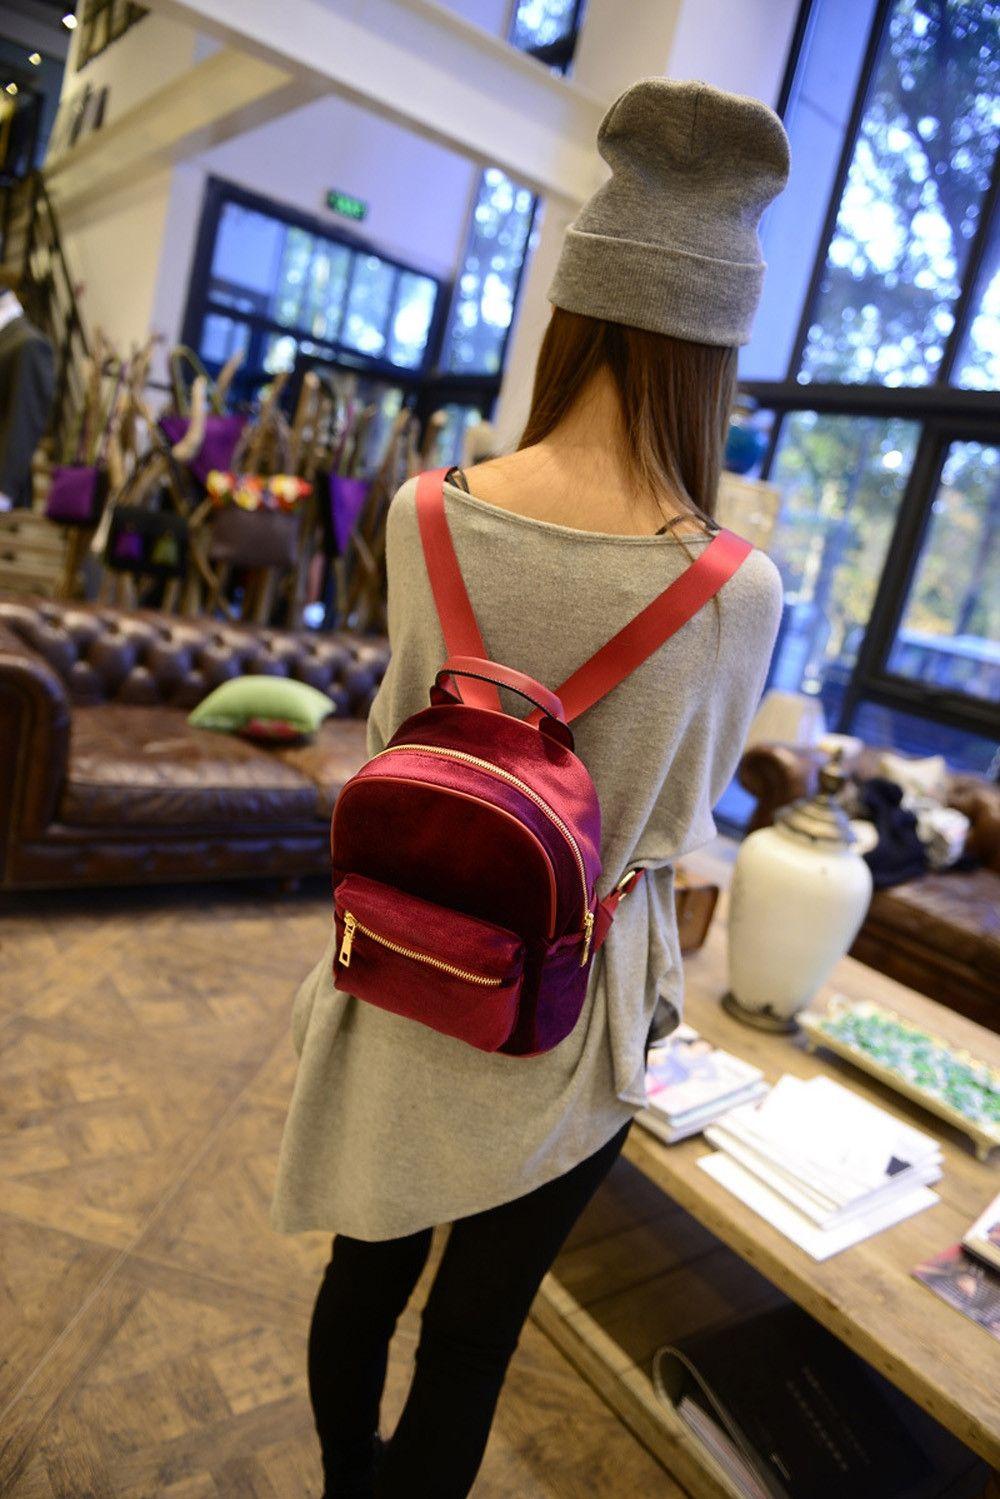 Neworldline Women Teenage Girl Velvet Zipper Backpack School Bags Fashion  Shoulder Bag - Red 9d92d51027238